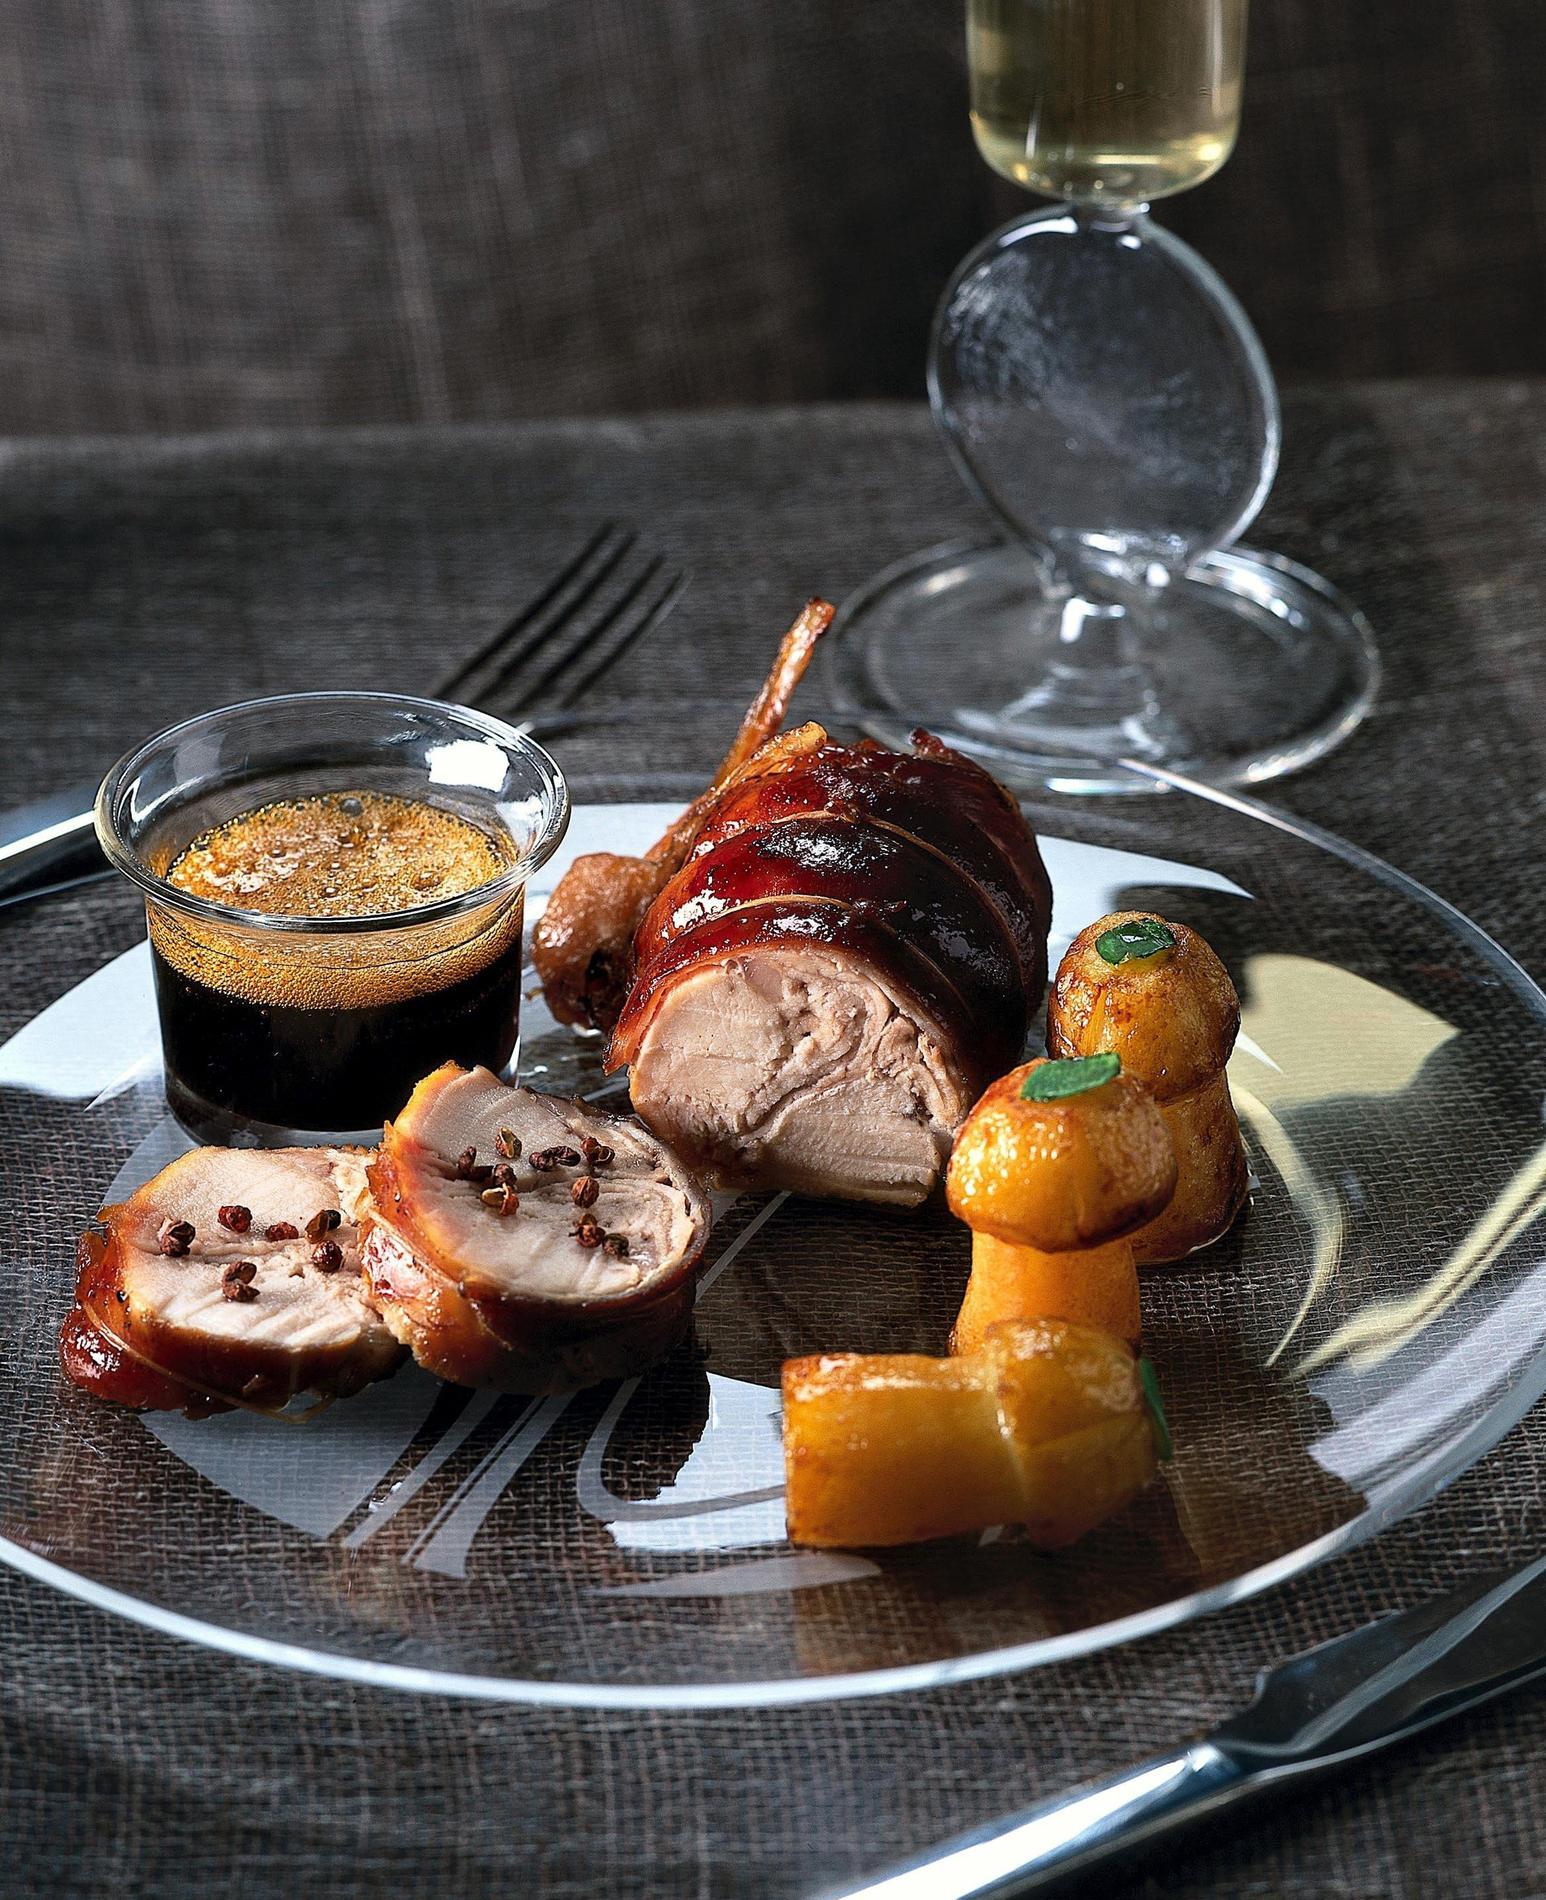 Recette r bles de lapin laqu s cuisine madame figaro - Madame figaro cuisine ...